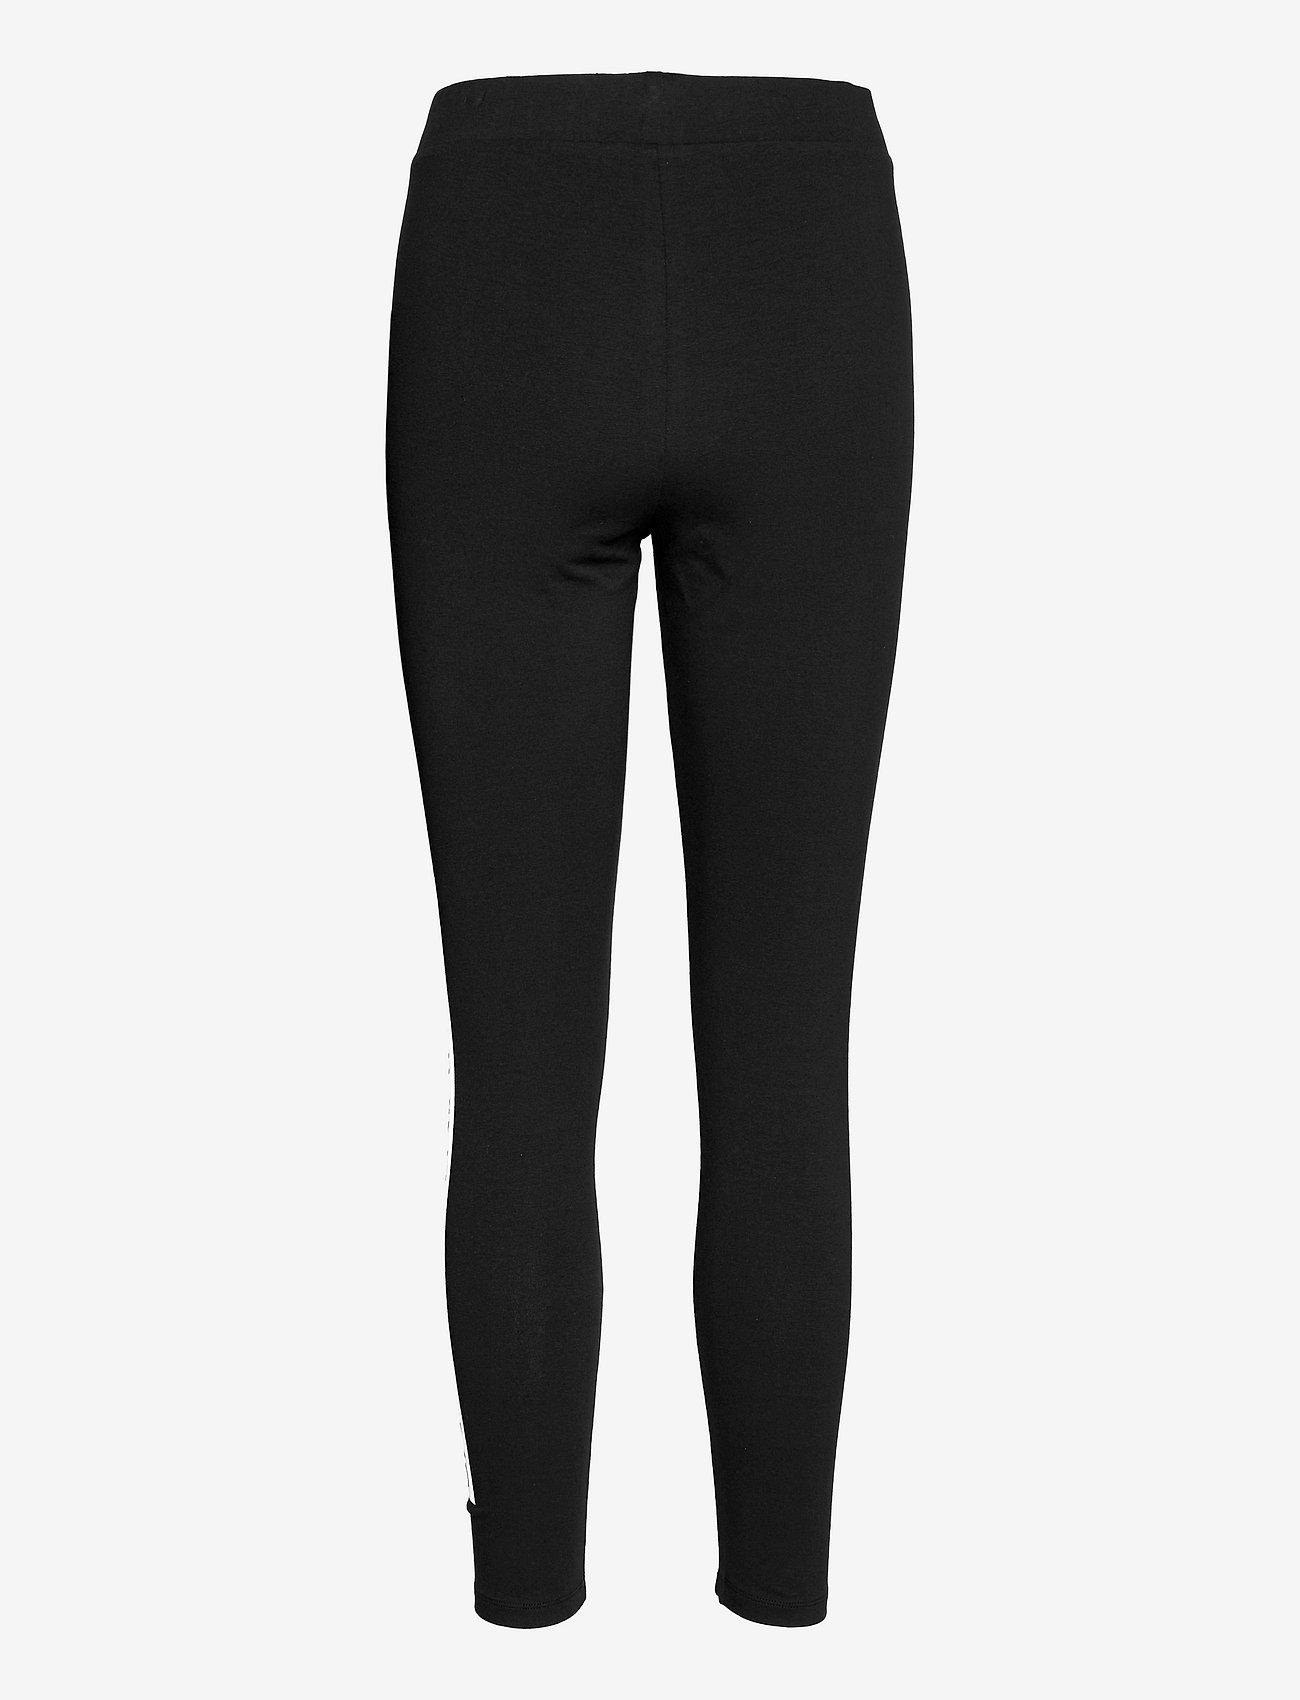 Calvin Klein Jeans - MIRRORED LOGO LEGGING - leggings - ck black - 1